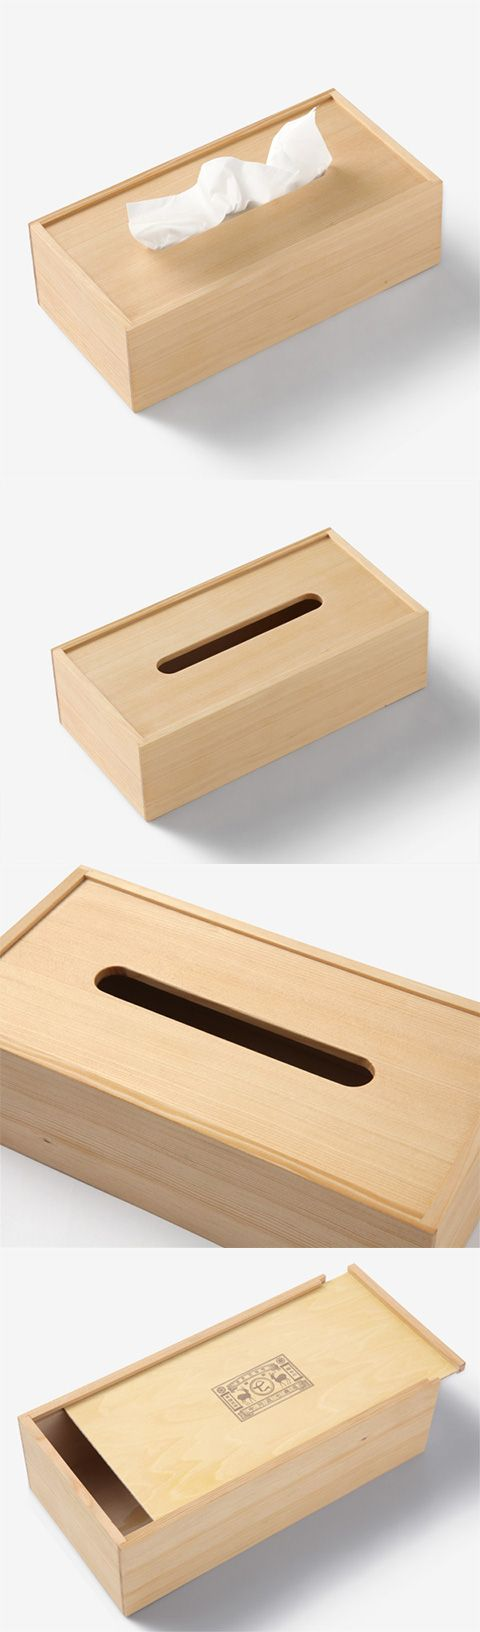 【木のティッシュボックス(中川政七商店)】/木工産業が盛んな静岡の木工所でオリジナルのティッシュボックスを作りました。 木肌を活かしたオイル仕上げで使い込むほどにツヤと風合いが楽しめます。 底板はスライド式で、一般的な標準サイズの箱入りティッシュに対応しております。